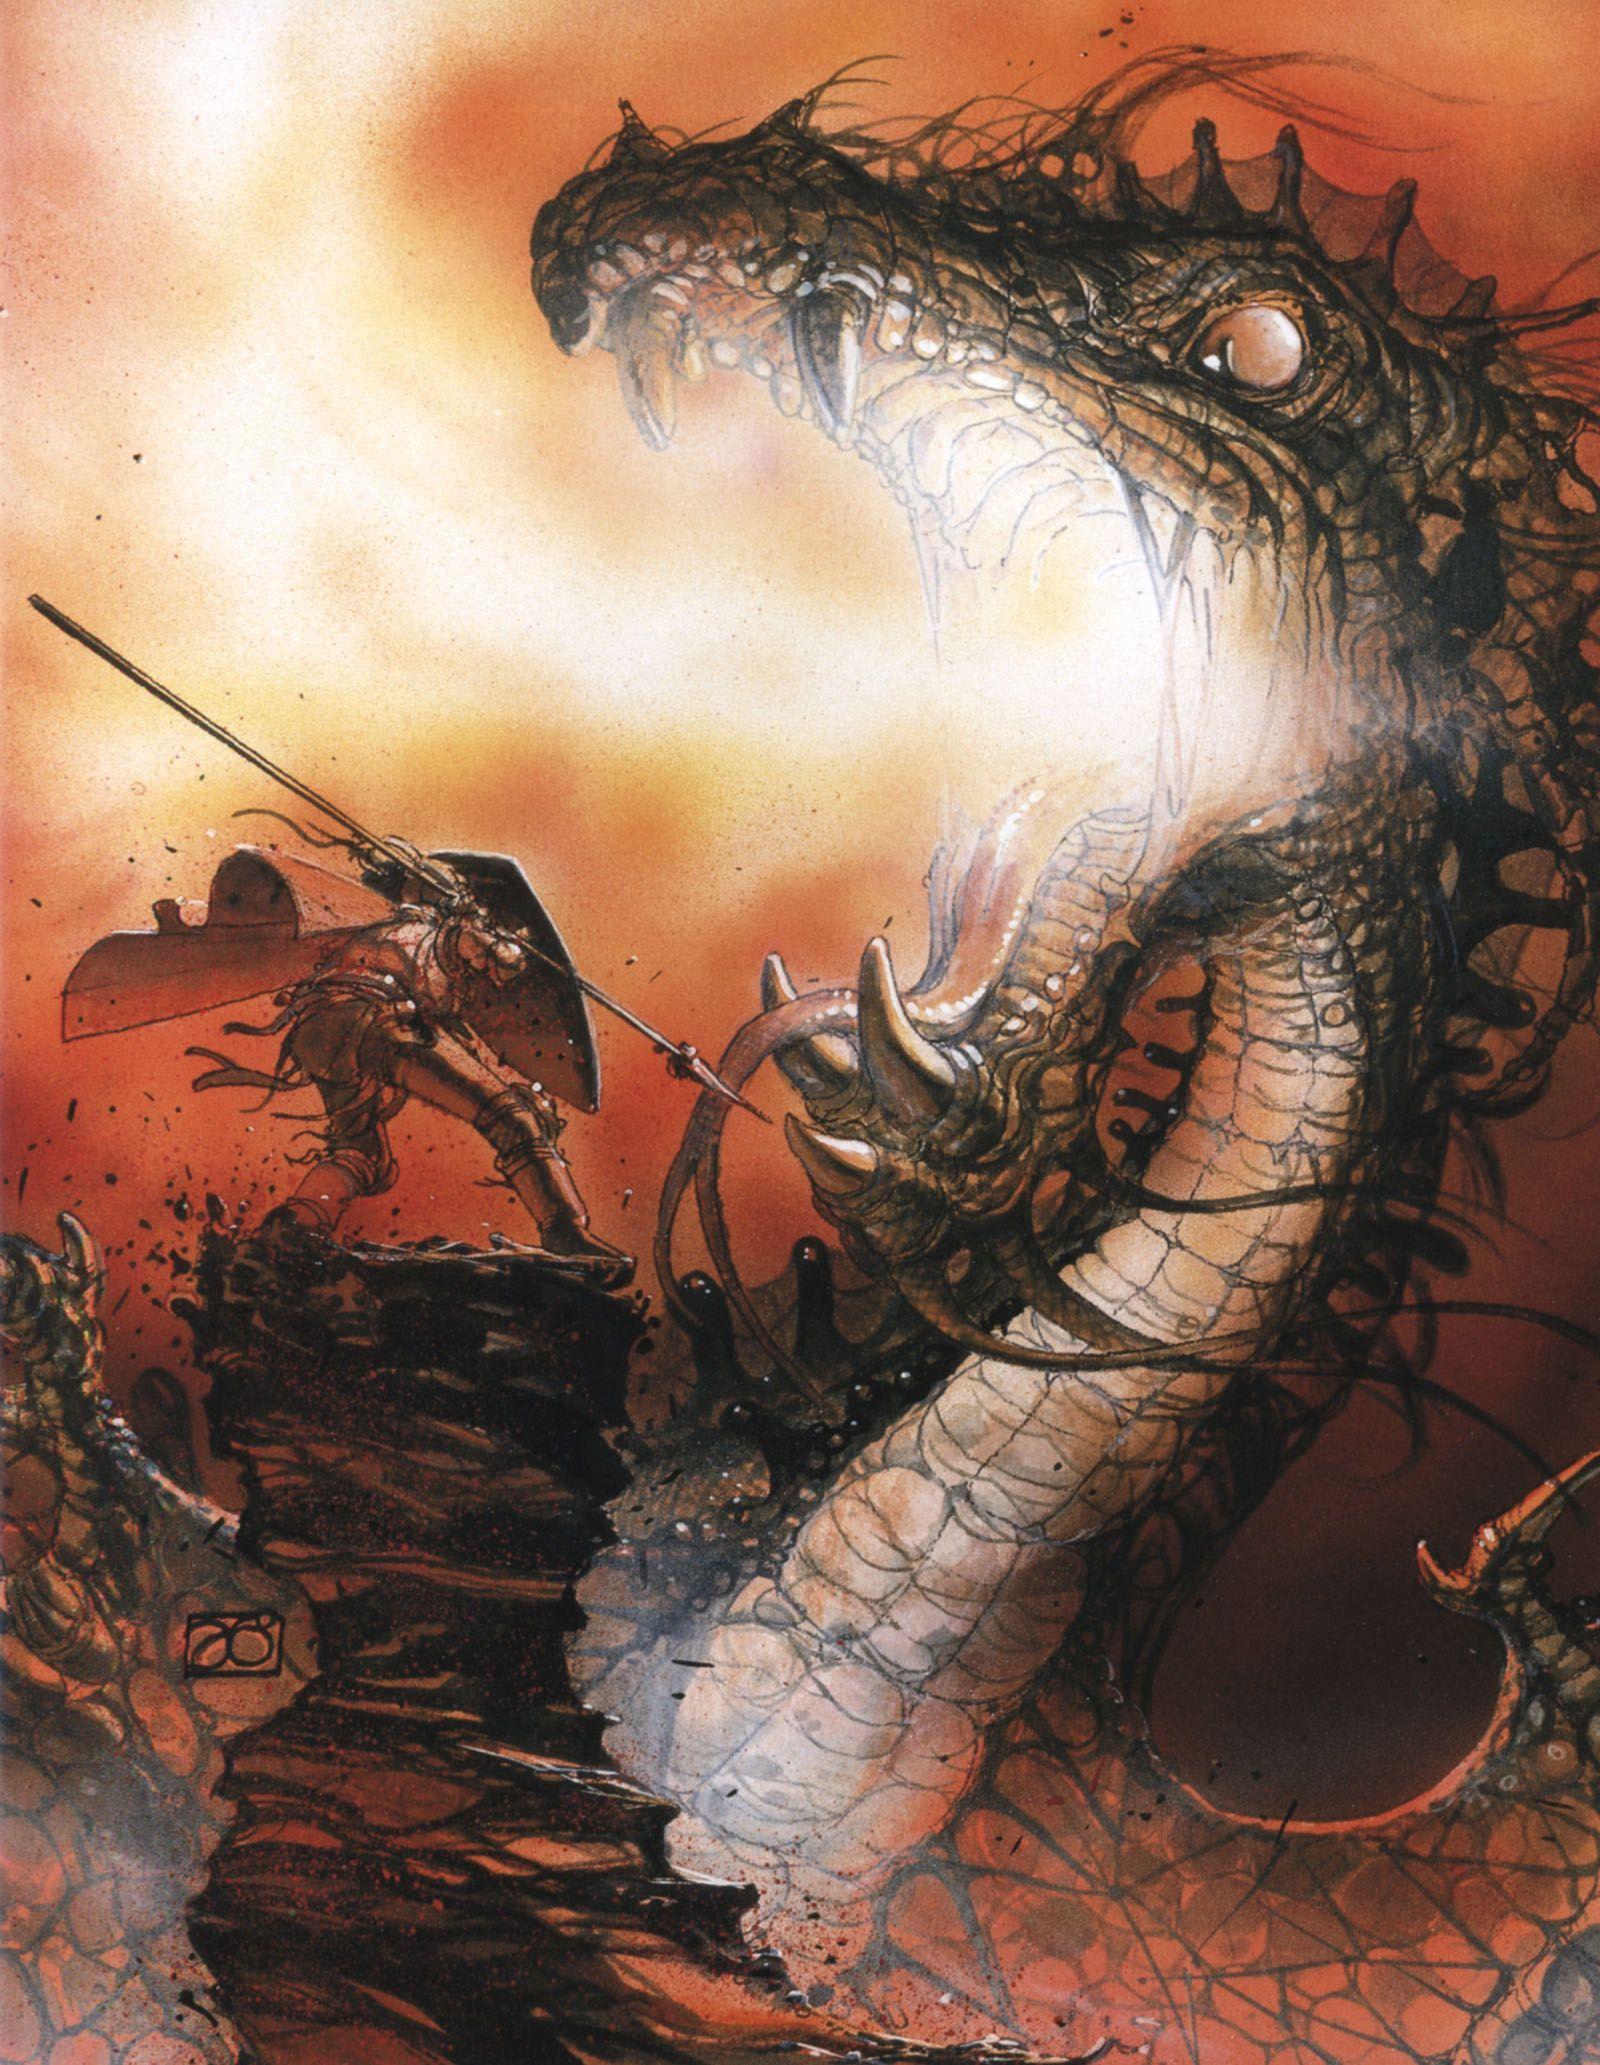 Idée par Steph MICOD sur Heroic Fantasy | Art fantastique